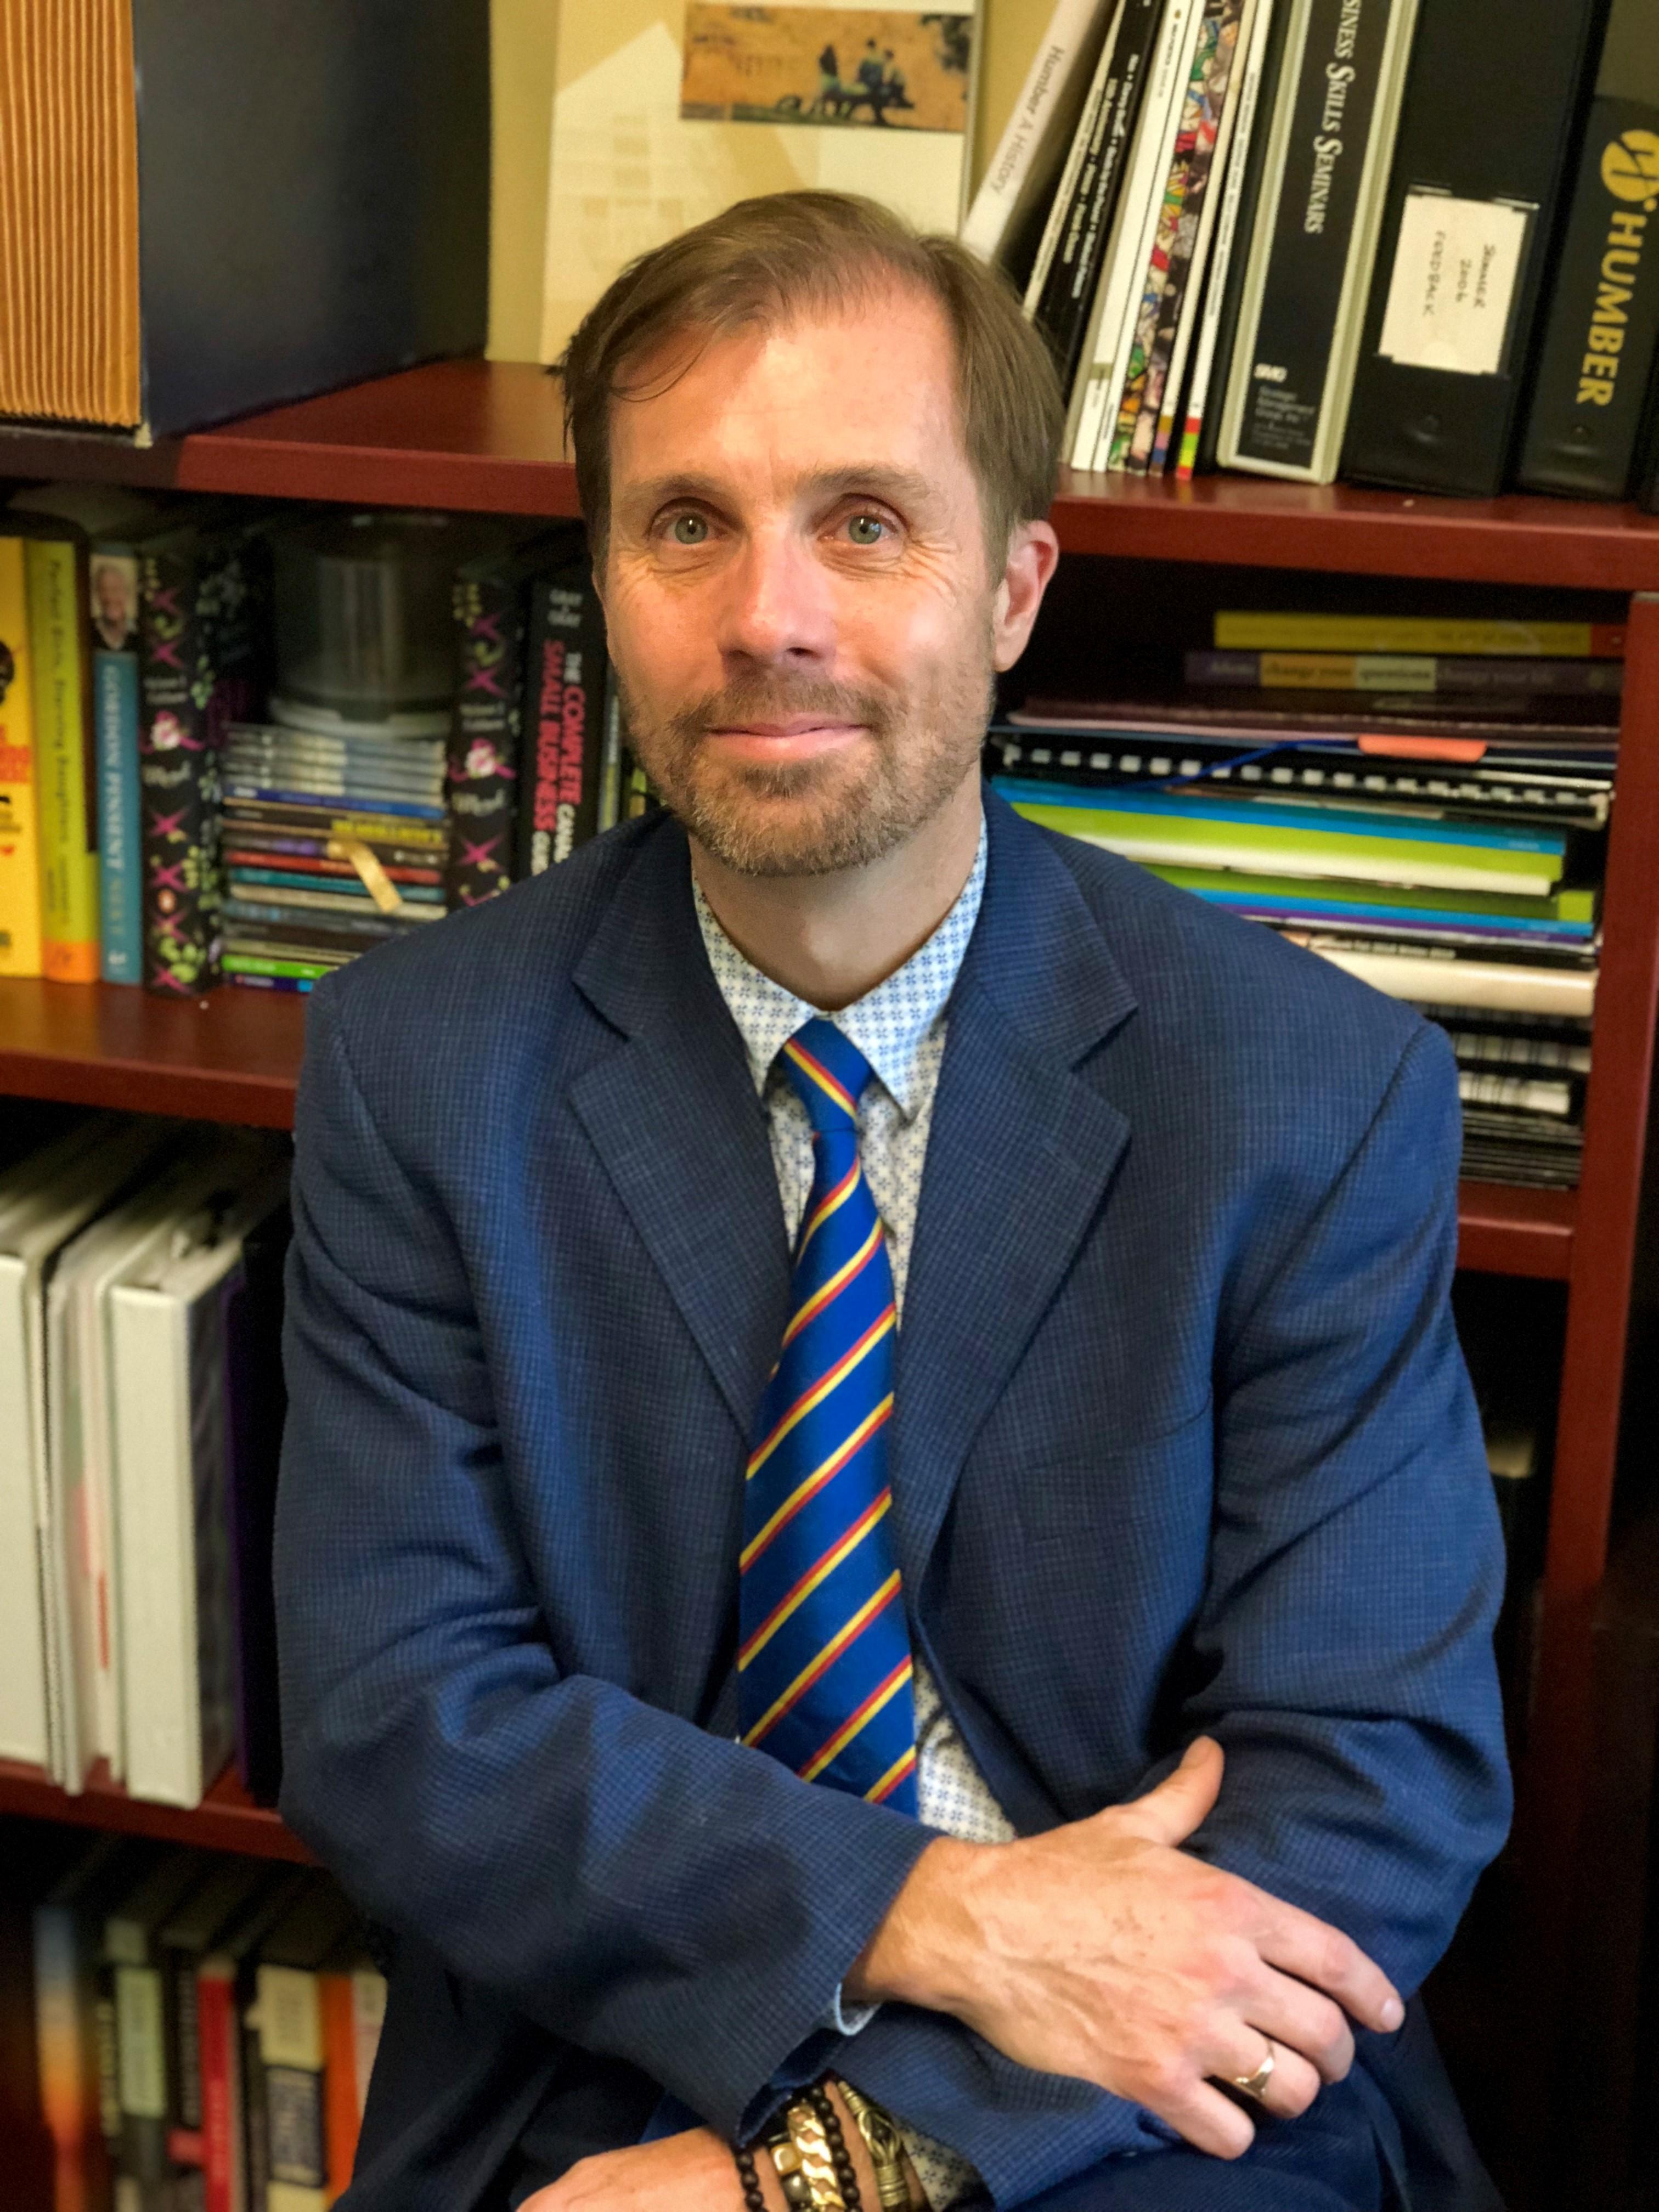 Dr. Andrew Scott